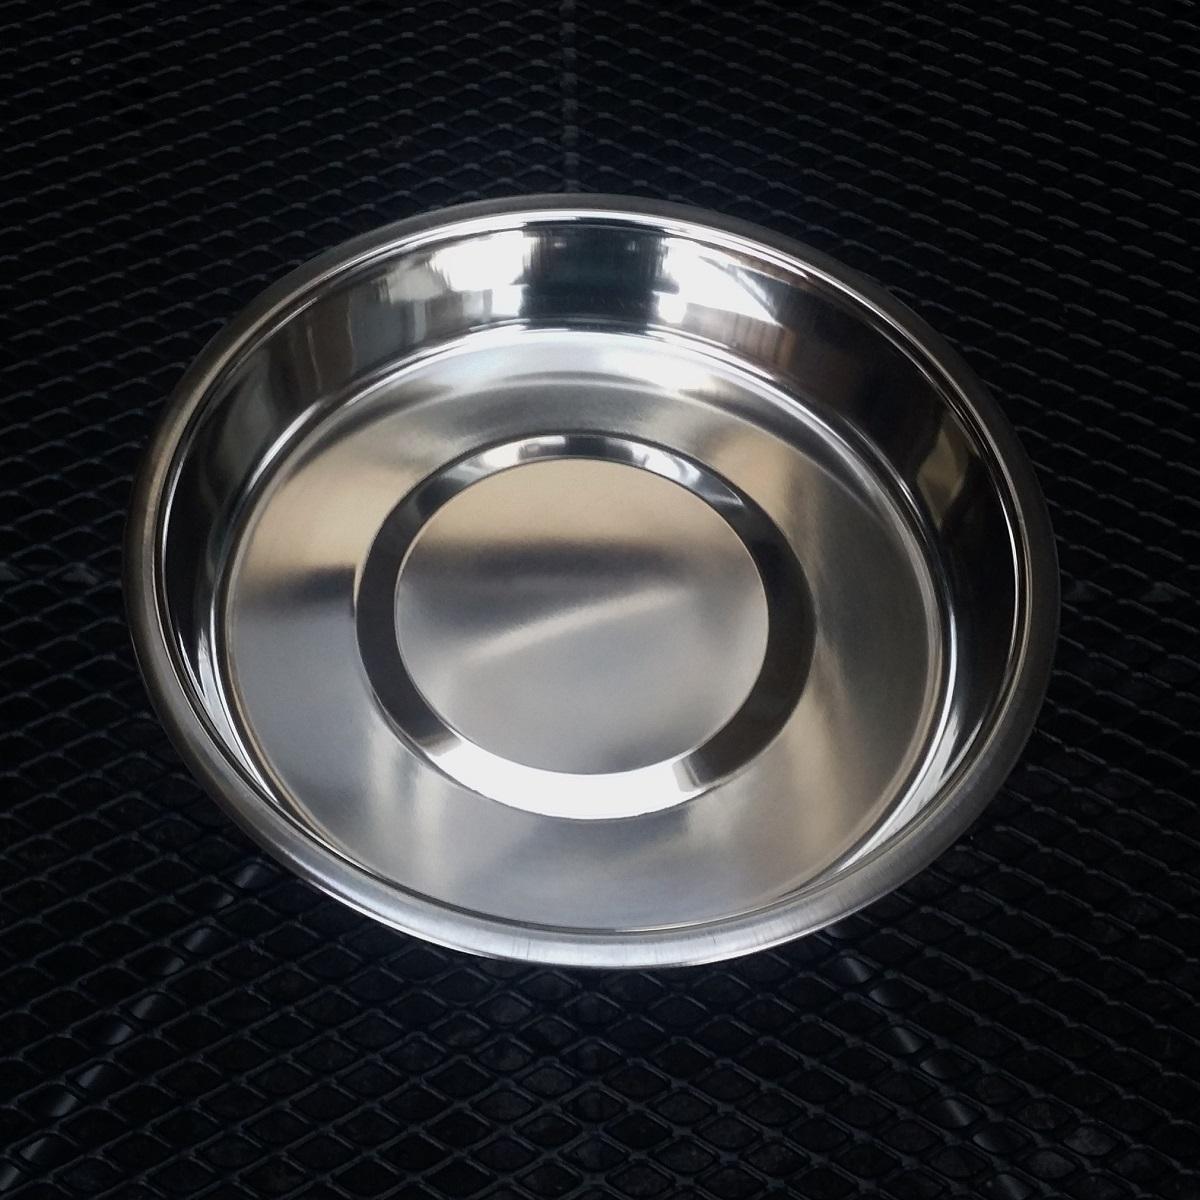 Badschaal rvs 250 mm